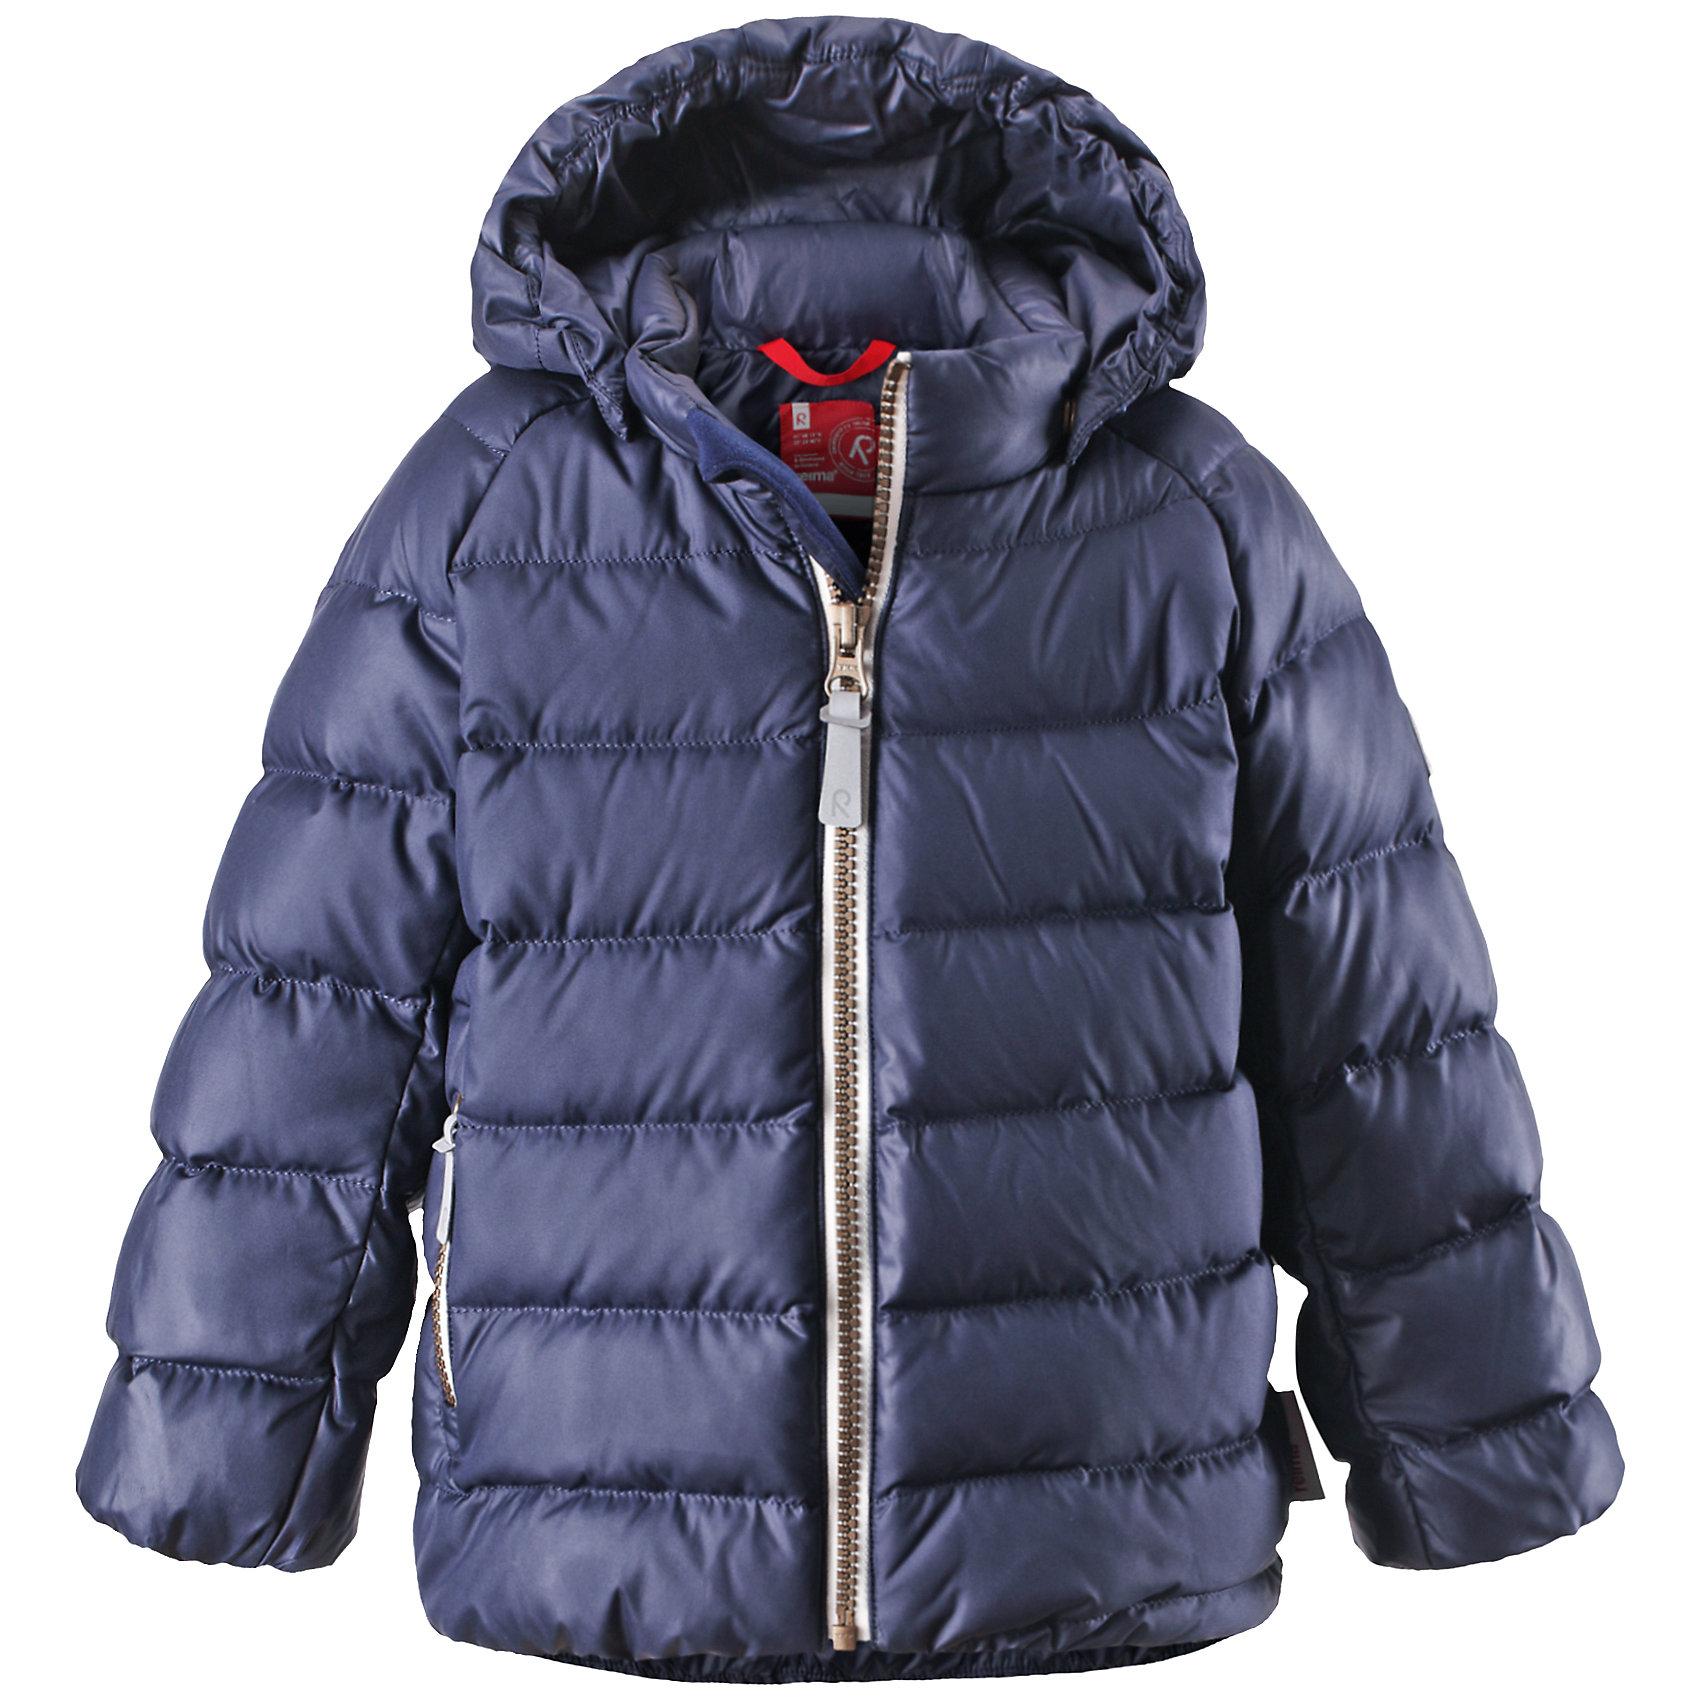 Куртка Minst ReimaОдежда<br>Куртка  Reima<br>Пуховая куртка для малышей. Водоотталкивающий, ветронепроницаемый, «дышащий» и грязеотталкивающий материал. Гладкая подкладка из полиэстра. В качестве утеплителя использованы пух и перо (60%/40%). Безопасный, съемный капюшон. Эластичные подол и манжеты. Карман на молнии. Безопасные светоотражающие элементы.<br>Уход:<br>Стирать по отдельности, вывернув наизнанку. Застегнуть молнии и липучки. Стирать моющим средством, не содержащим отбеливающие вещества. Полоскать без специального средства. Во избежание изменения цвета изделие необходимо вынуть из стиральной машинки незамедлительно после окончания программы стирки. Барабанное сушение при низкой температуре с 3 теннисными мячиками. Выверните изделие наизнанку в середине сушки.<br>Состав:<br>100% Полиэстер<br><br>Ширина мм: 356<br>Глубина мм: 10<br>Высота мм: 245<br>Вес г: 519<br>Цвет: синий<br>Возраст от месяцев: 9<br>Возраст до месяцев: 12<br>Пол: Мужской<br>Возраст: Детский<br>Размер: 92,74,86,98,80<br>SKU: 4776066